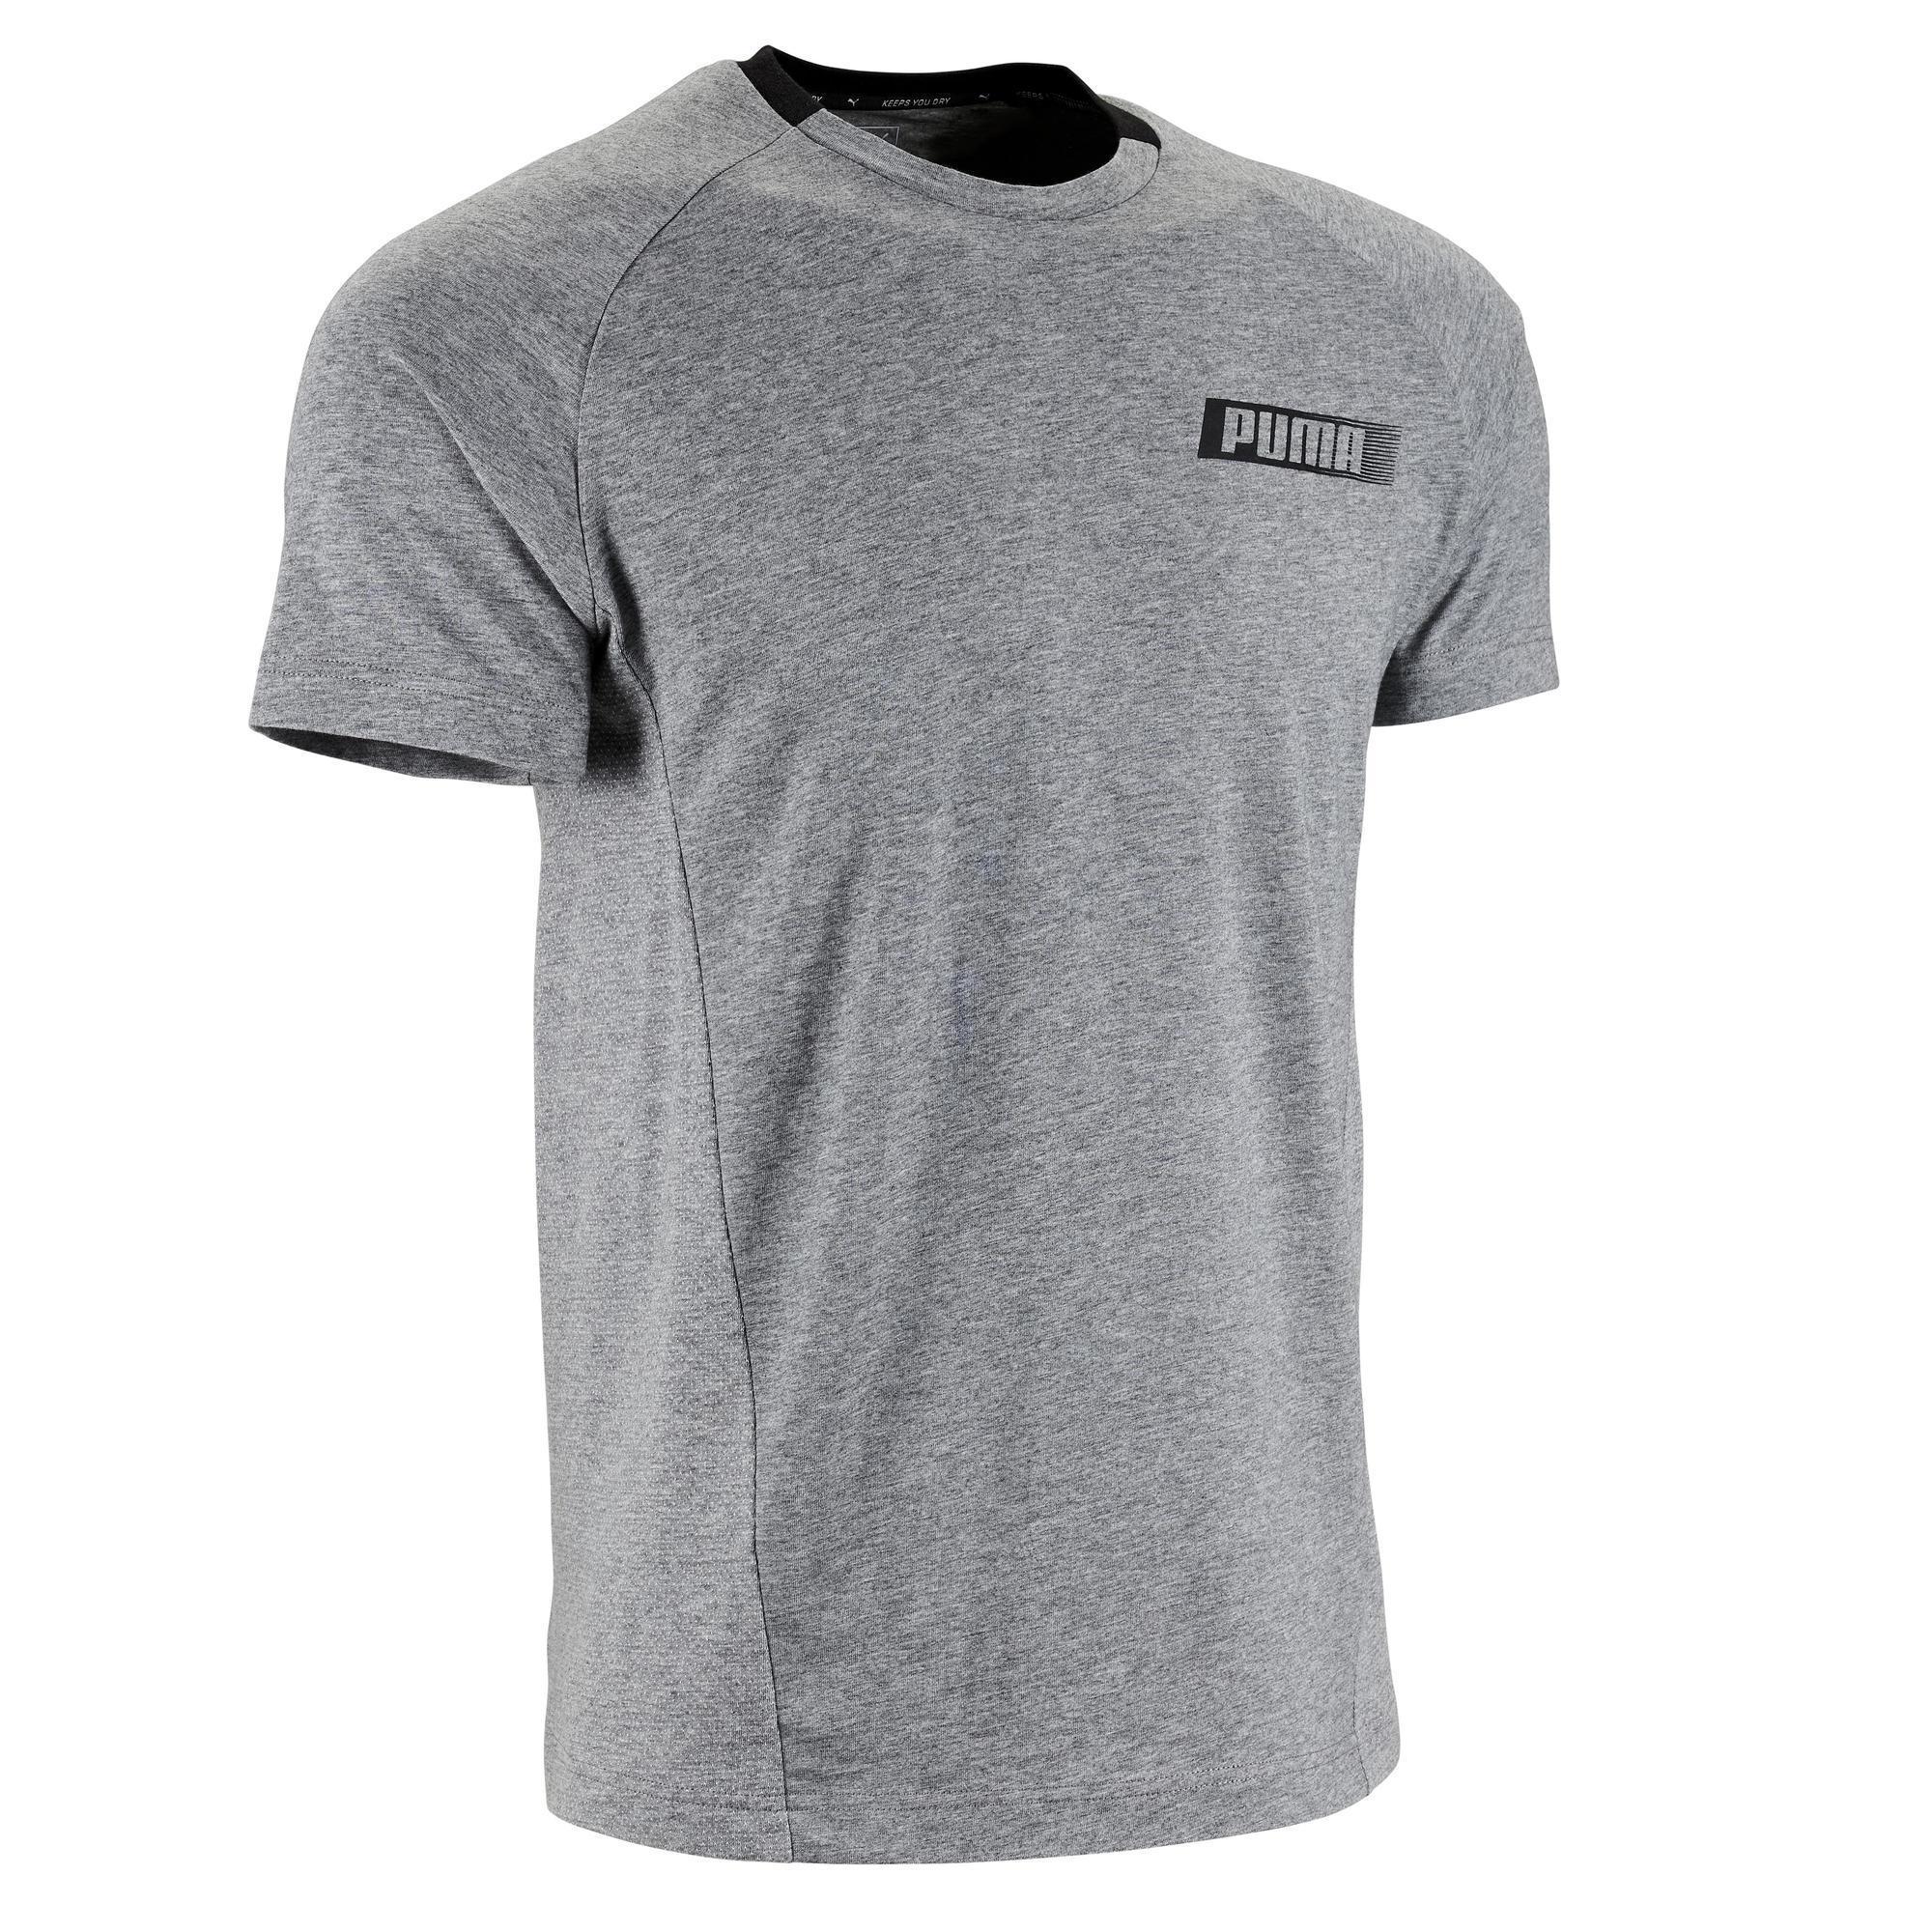 Puma T-shirt voor gym Puma Active 1 500 lichte gym pilates heren grijs